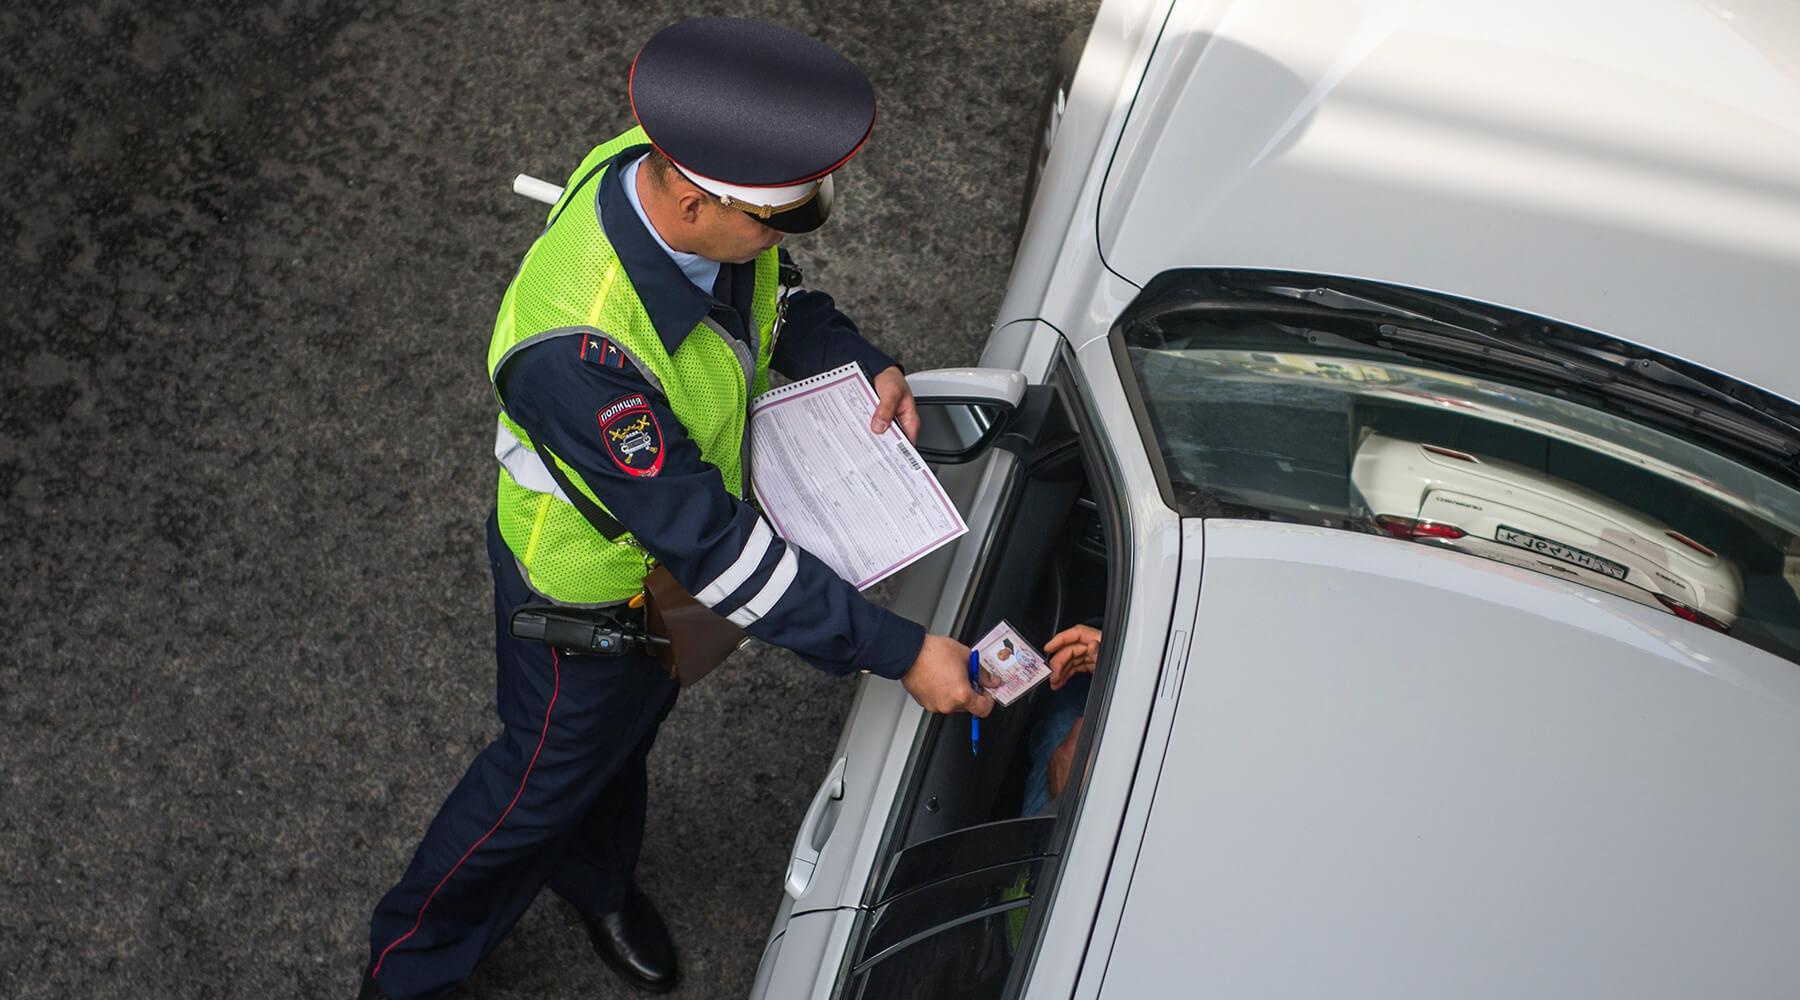 белье новые изменения в гаи и водители 2017 многих статьях основной